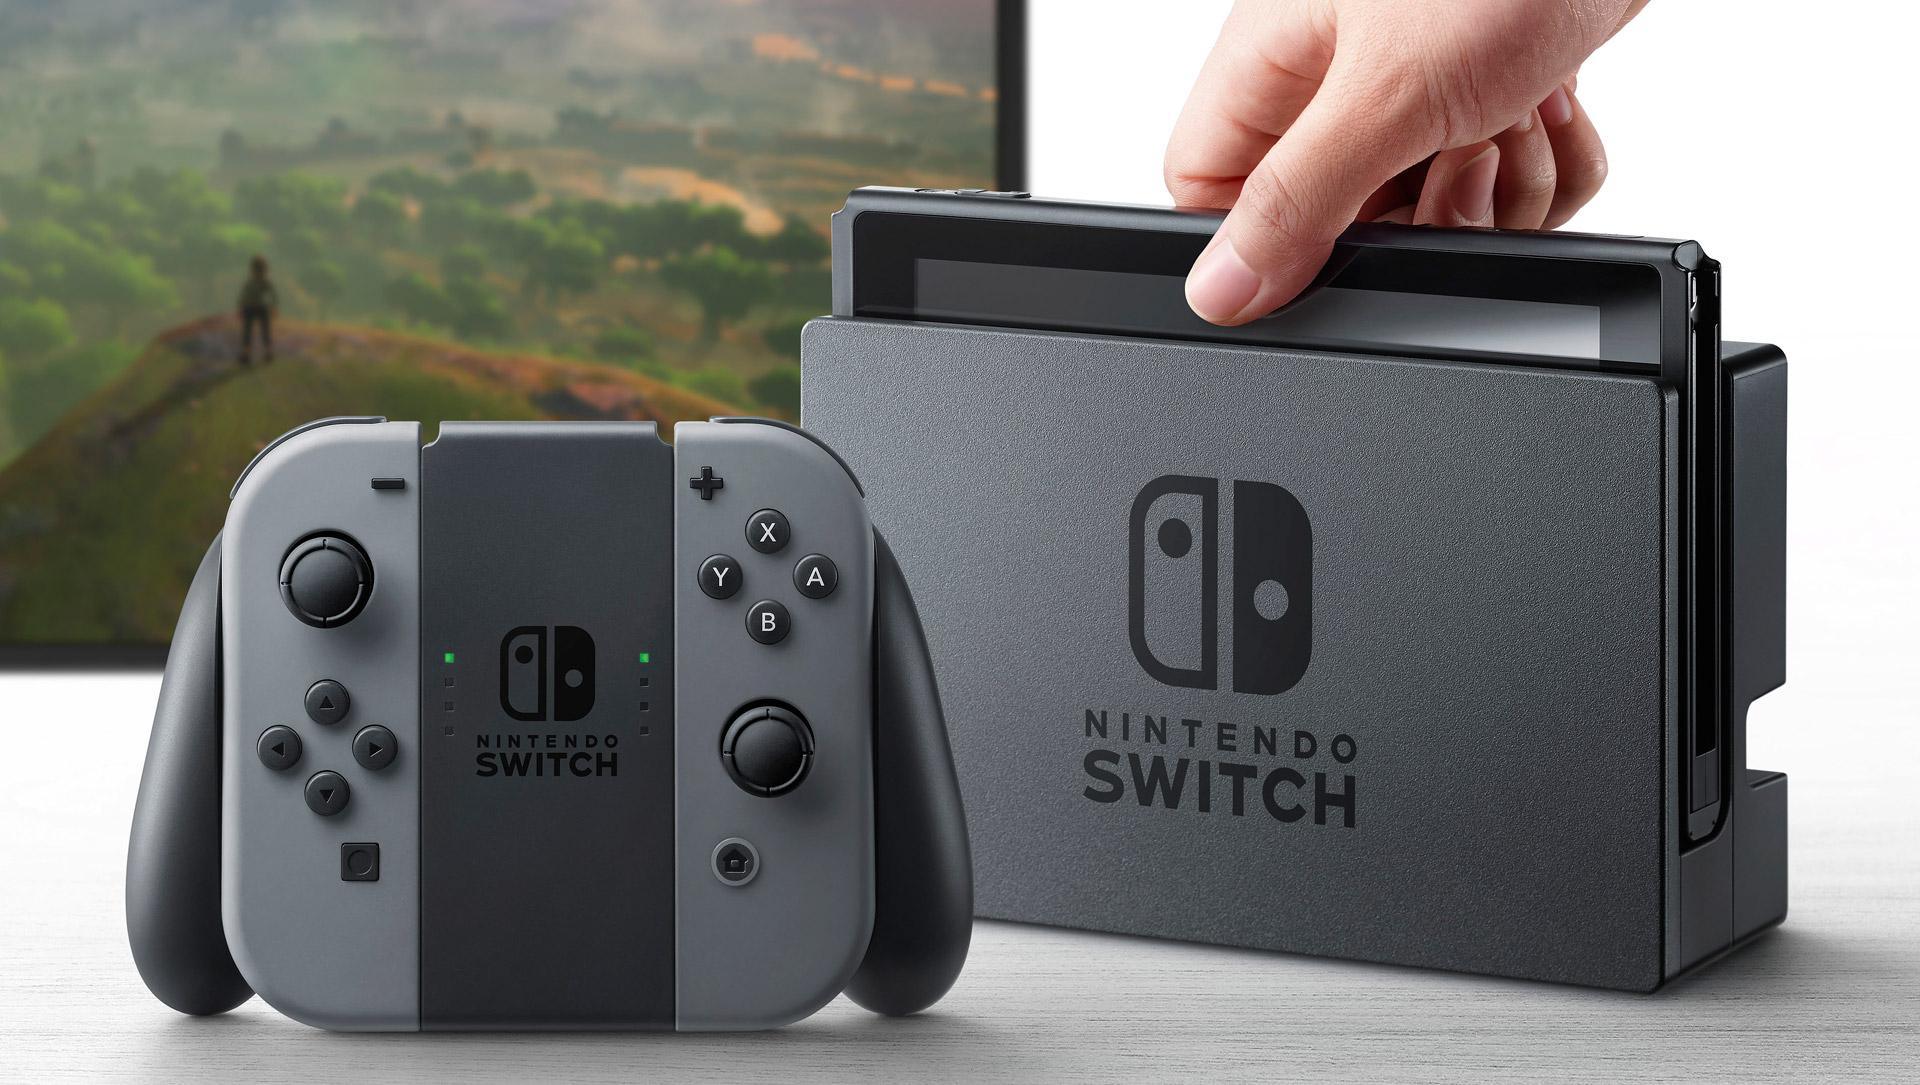 Nintendo Switch-ytelsen går opp når den er koblet til dokkingstasjonen.